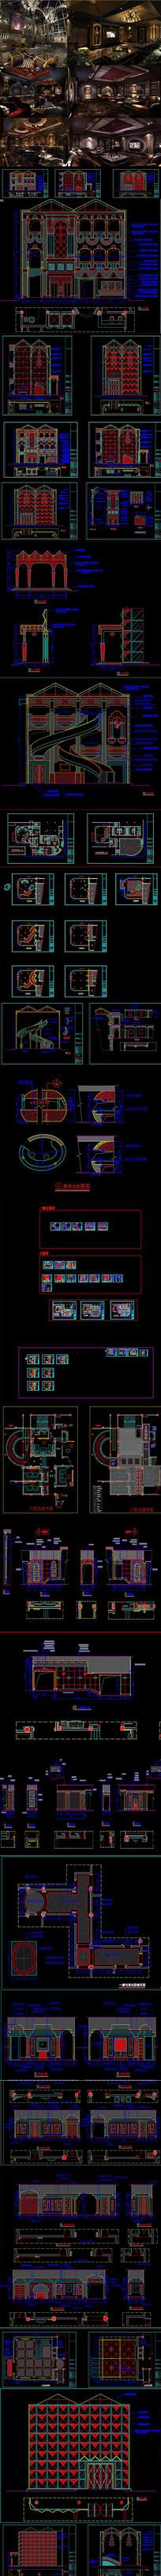 全套古典夜总会CAD施工图 效果图